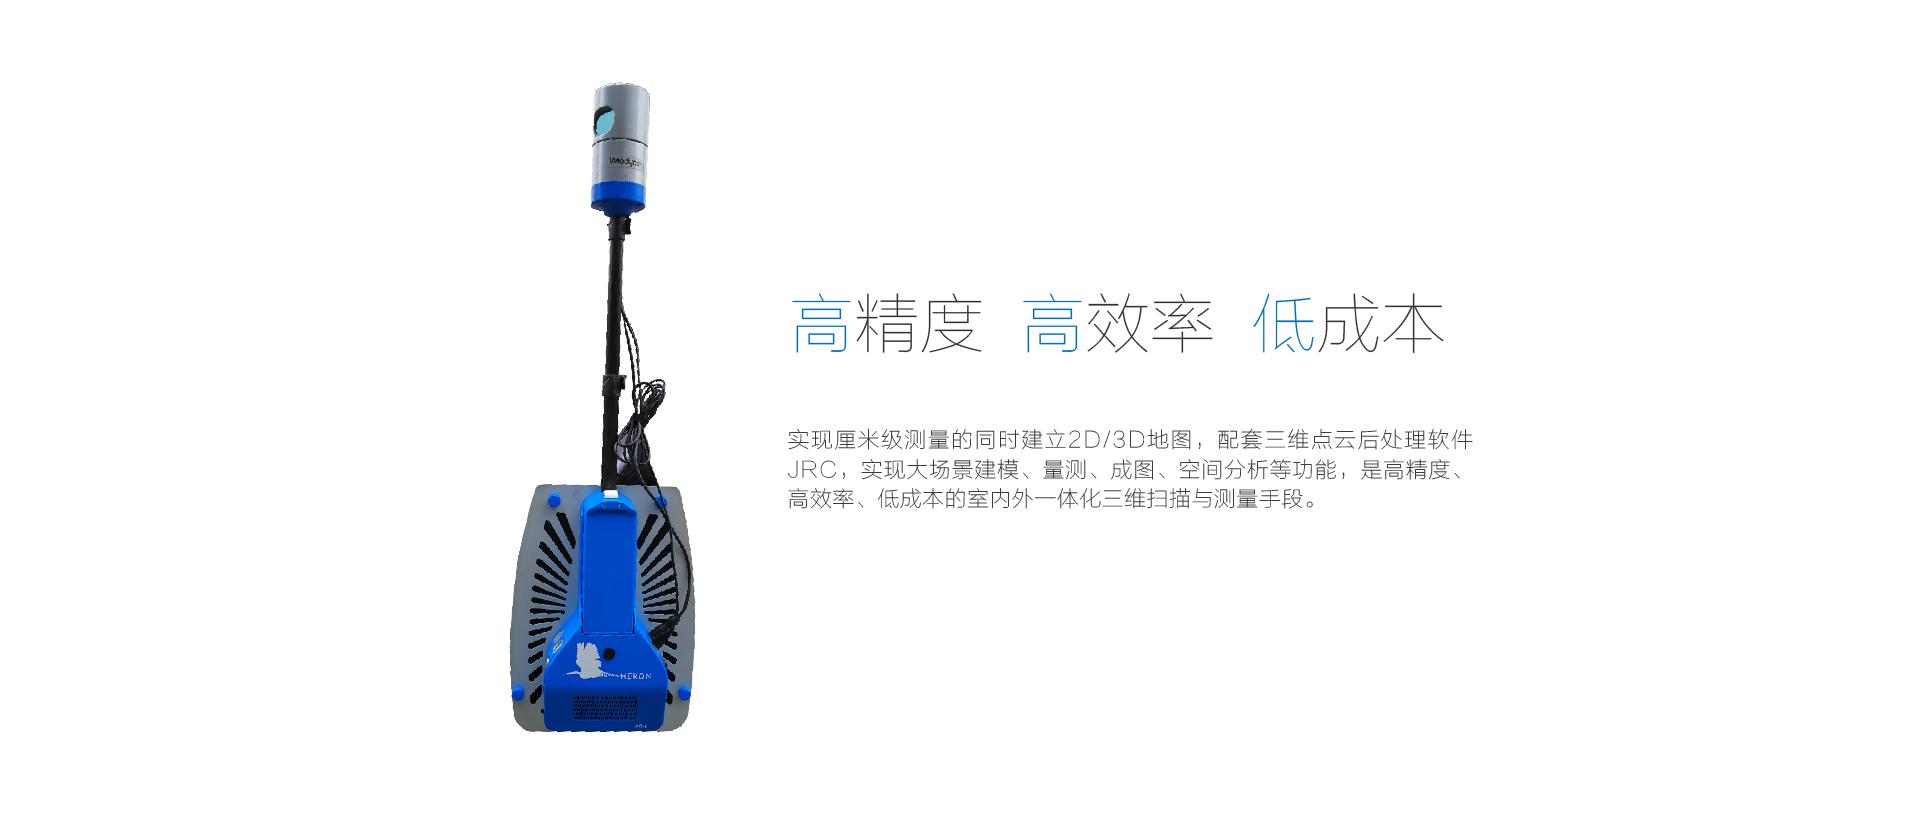 華測導航HERON背包SLAM激光掃描系統_高效率_高精度_低成本_華測導航